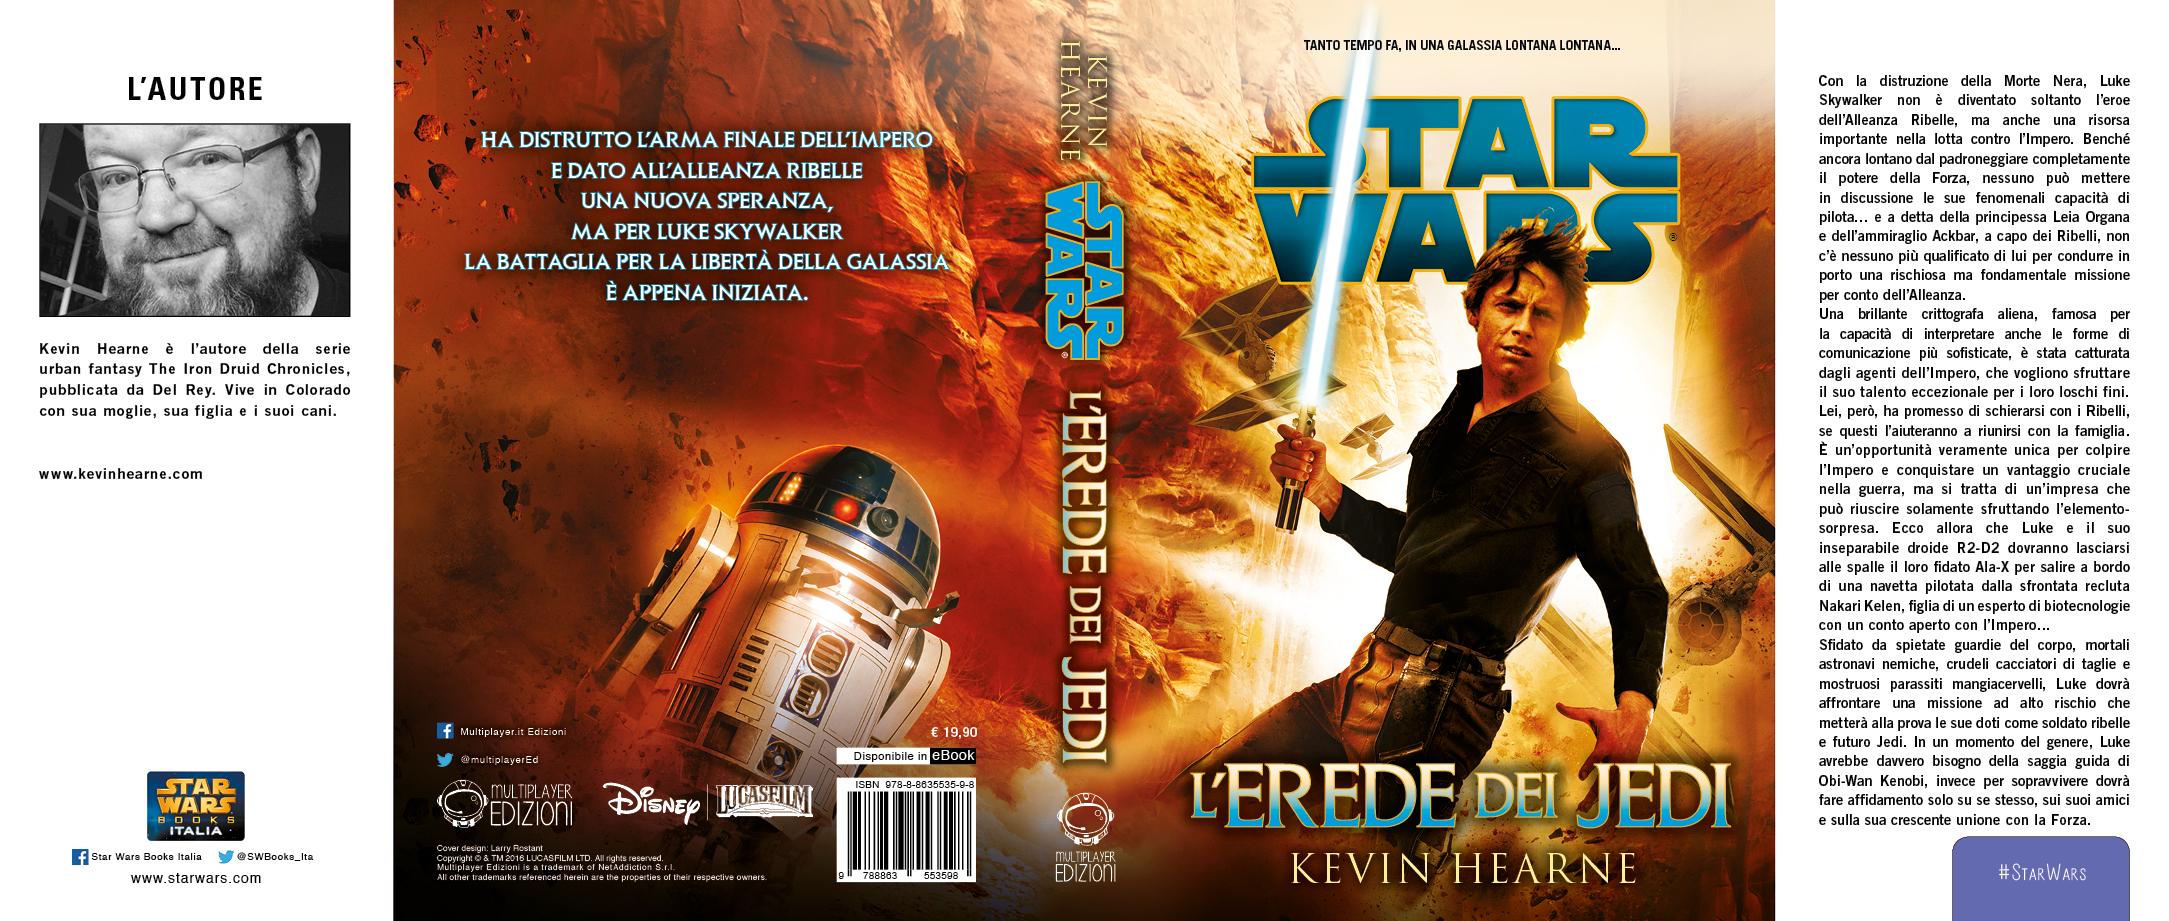 starwars-lerededeijedi-copertina